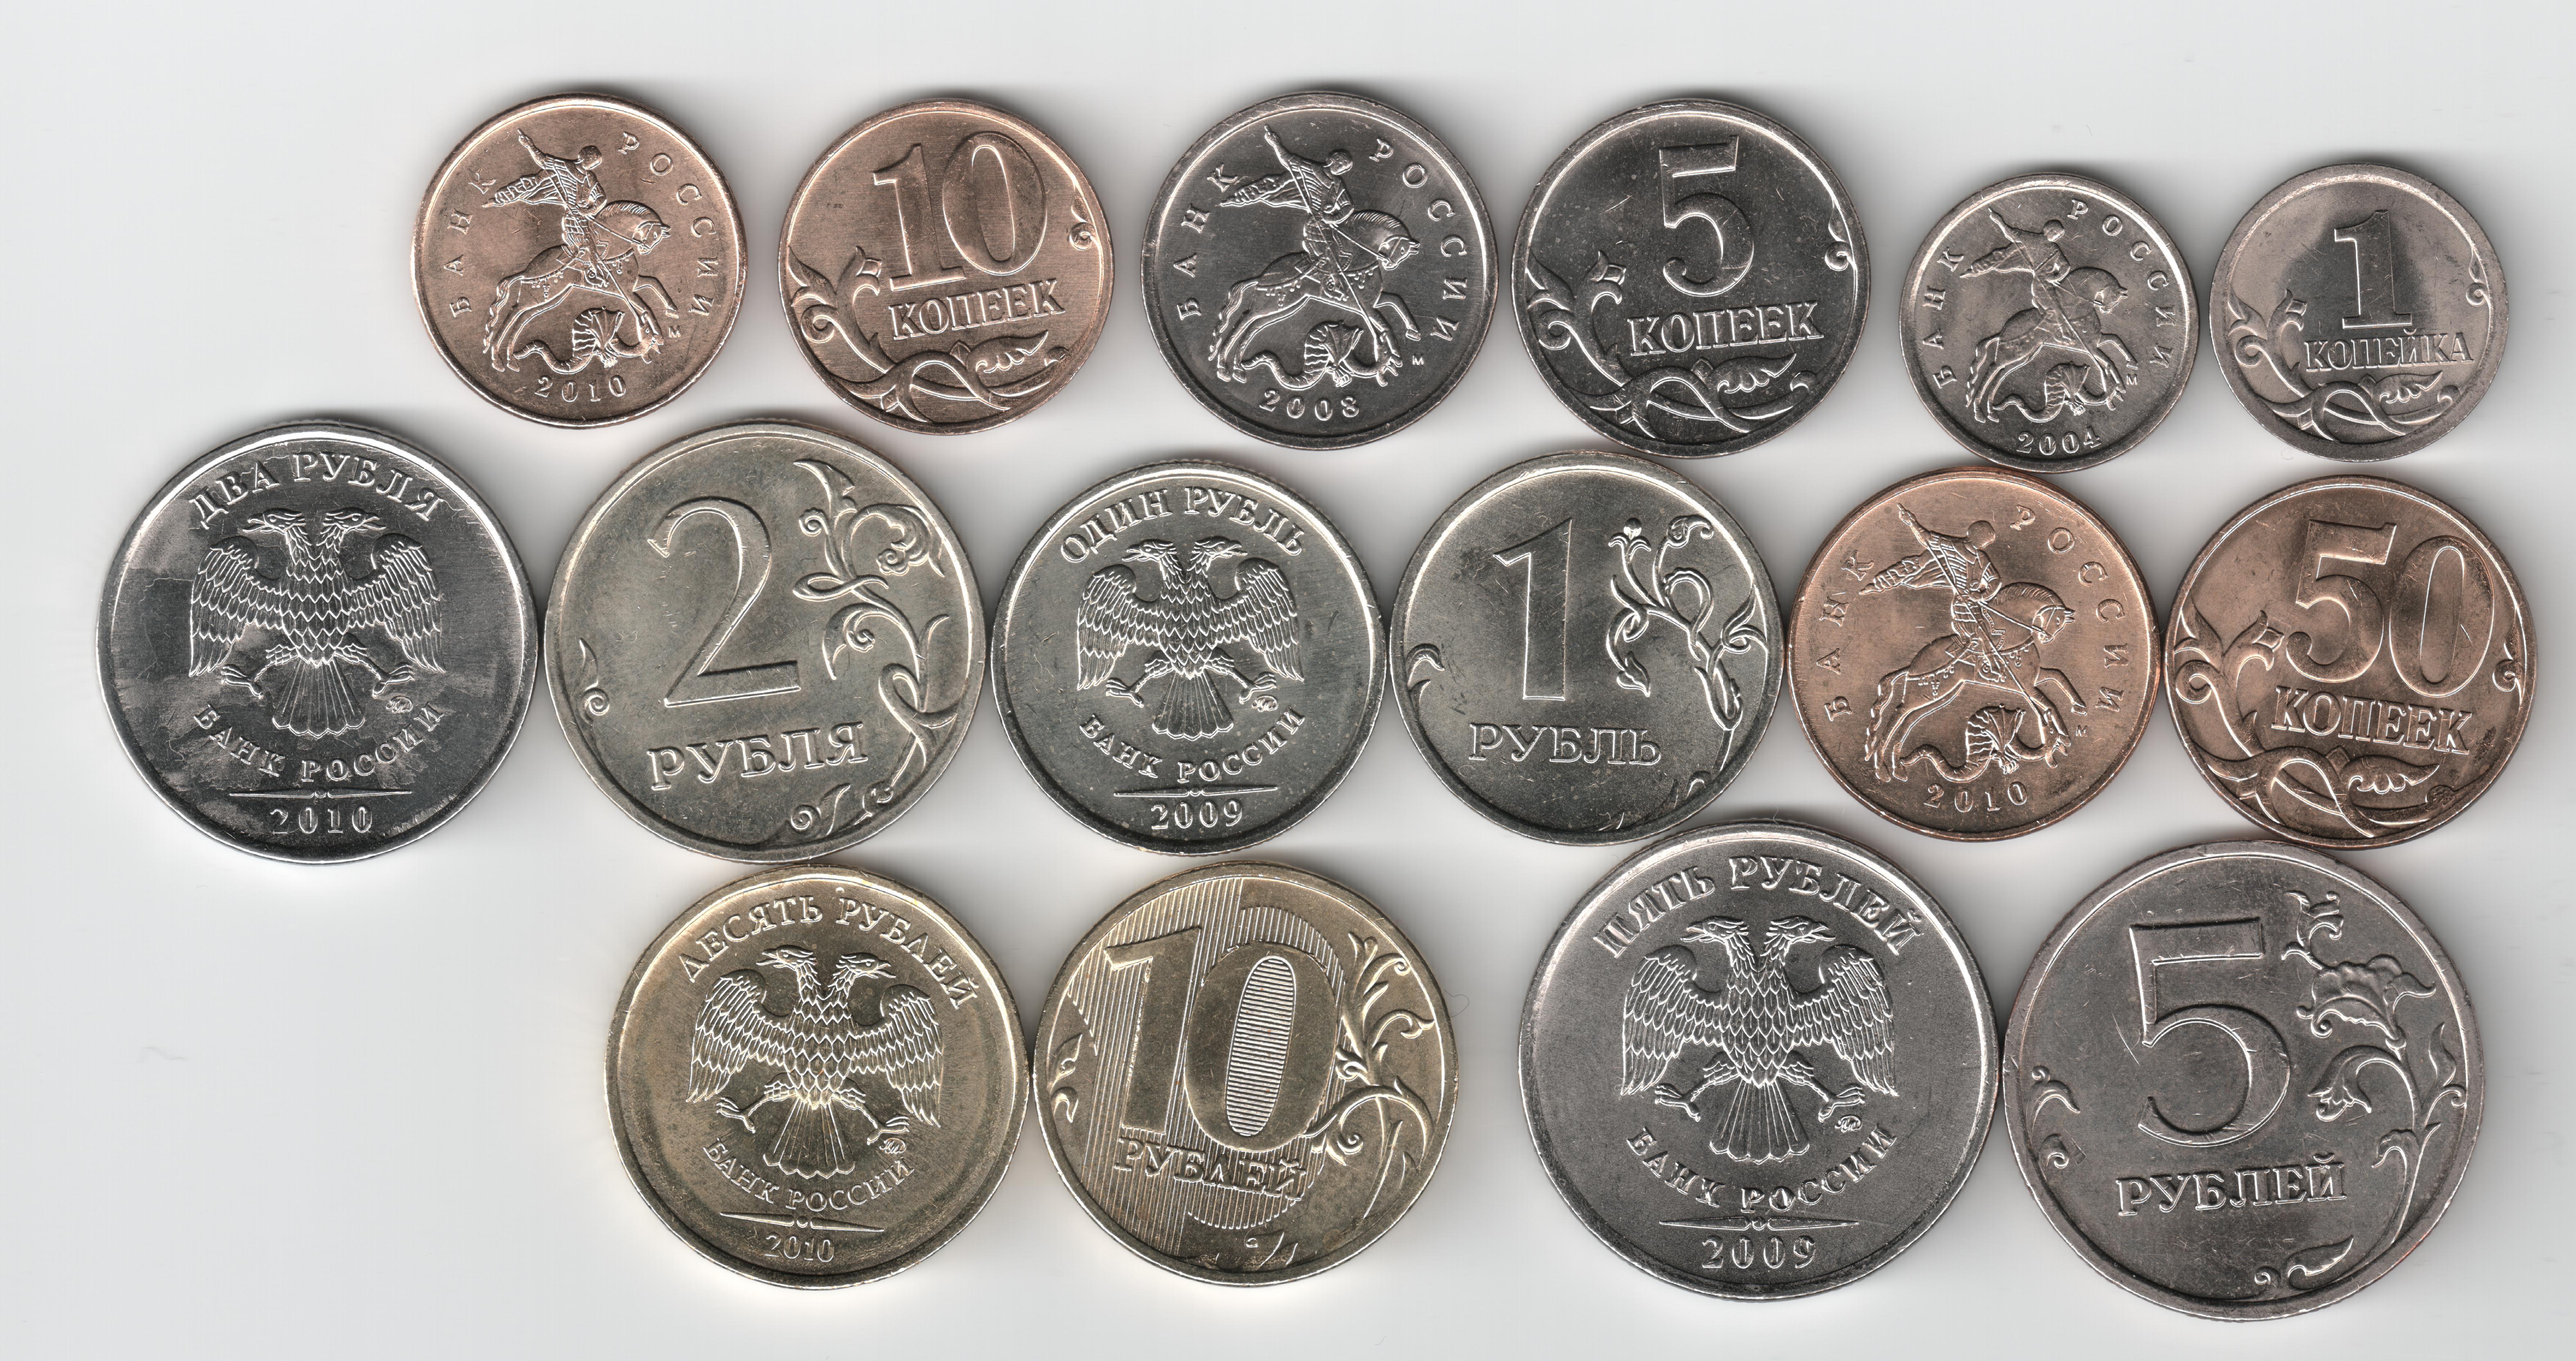 В саратове открывается выставка русских монет.